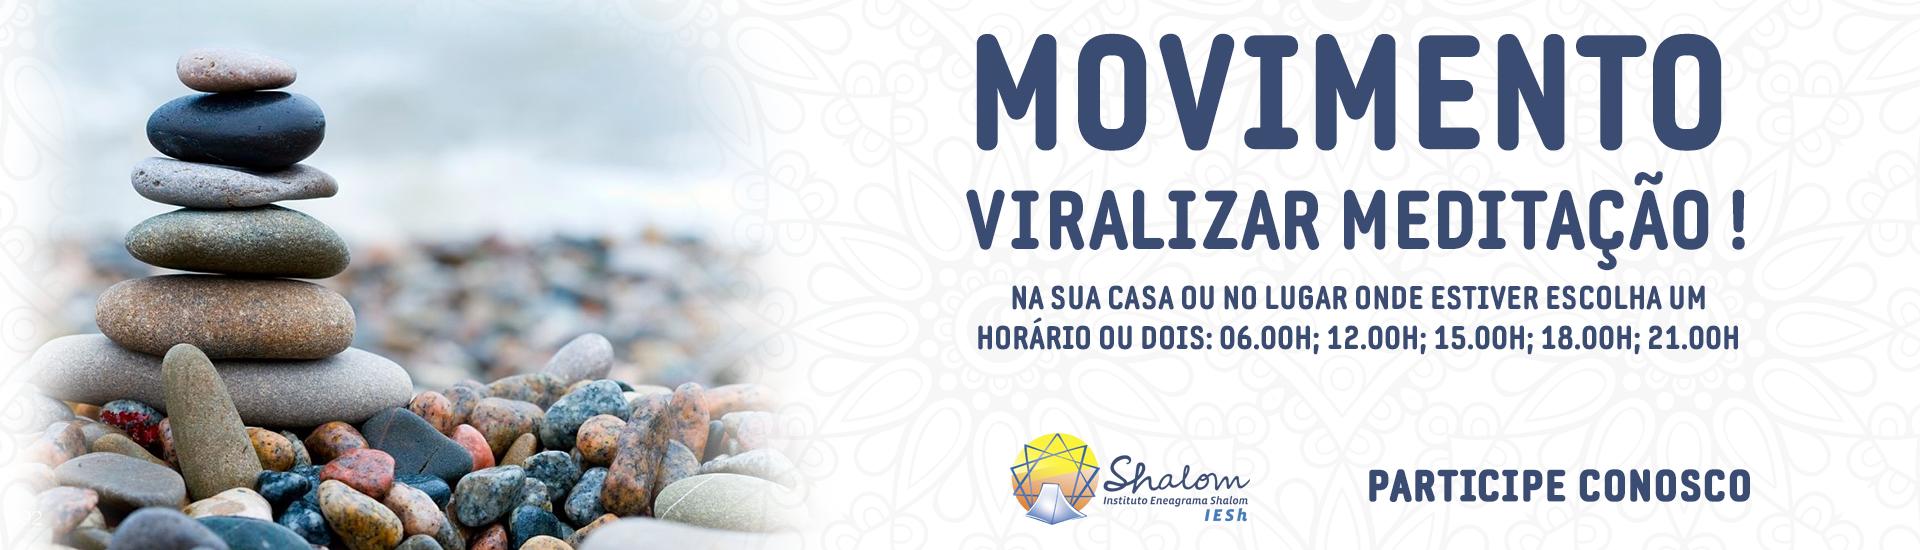 Movimento - Viralizar Meditação